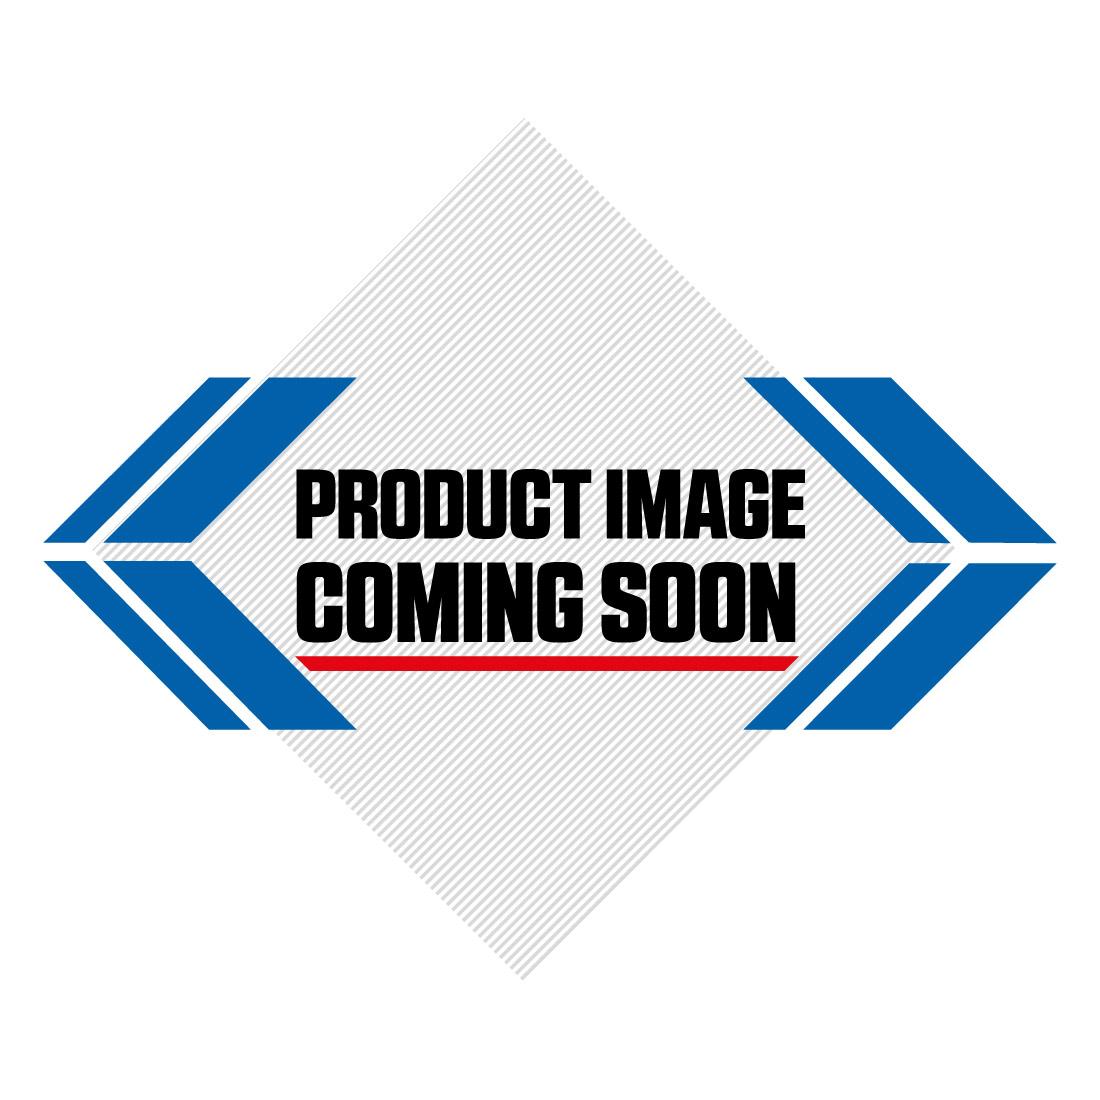 Husqvarna Plastic Kit OEM Factory (09-10) Image-5>